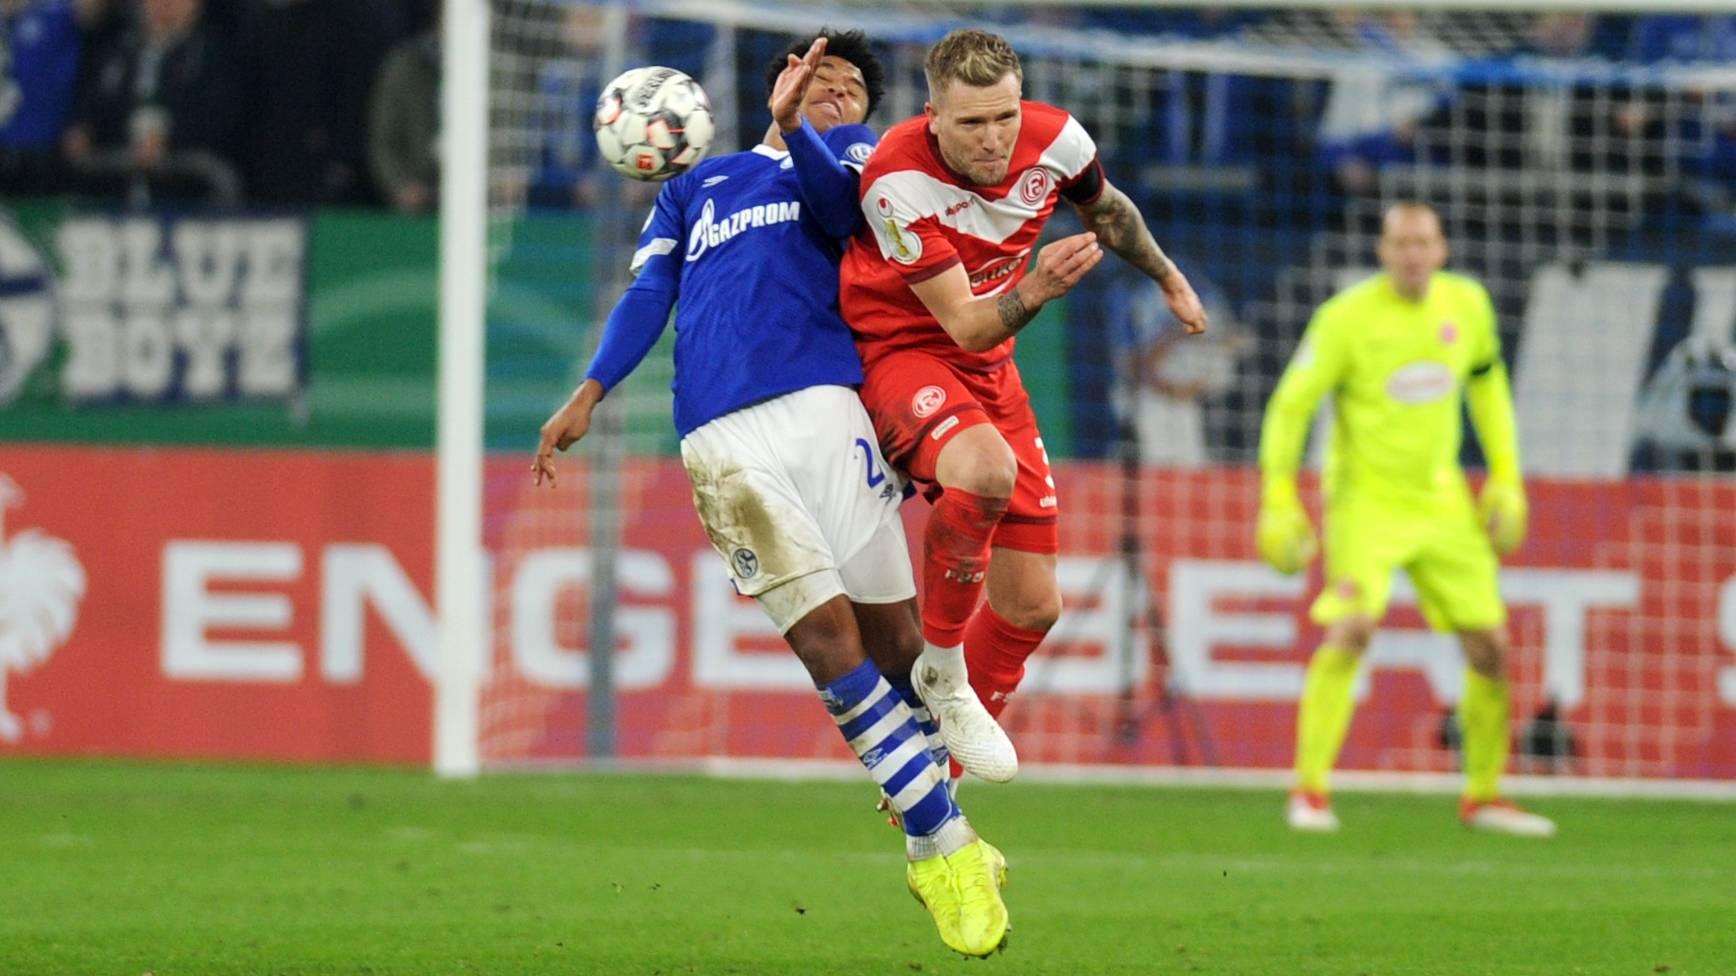 Schalke Gegen Fortuna DГјsseldorf